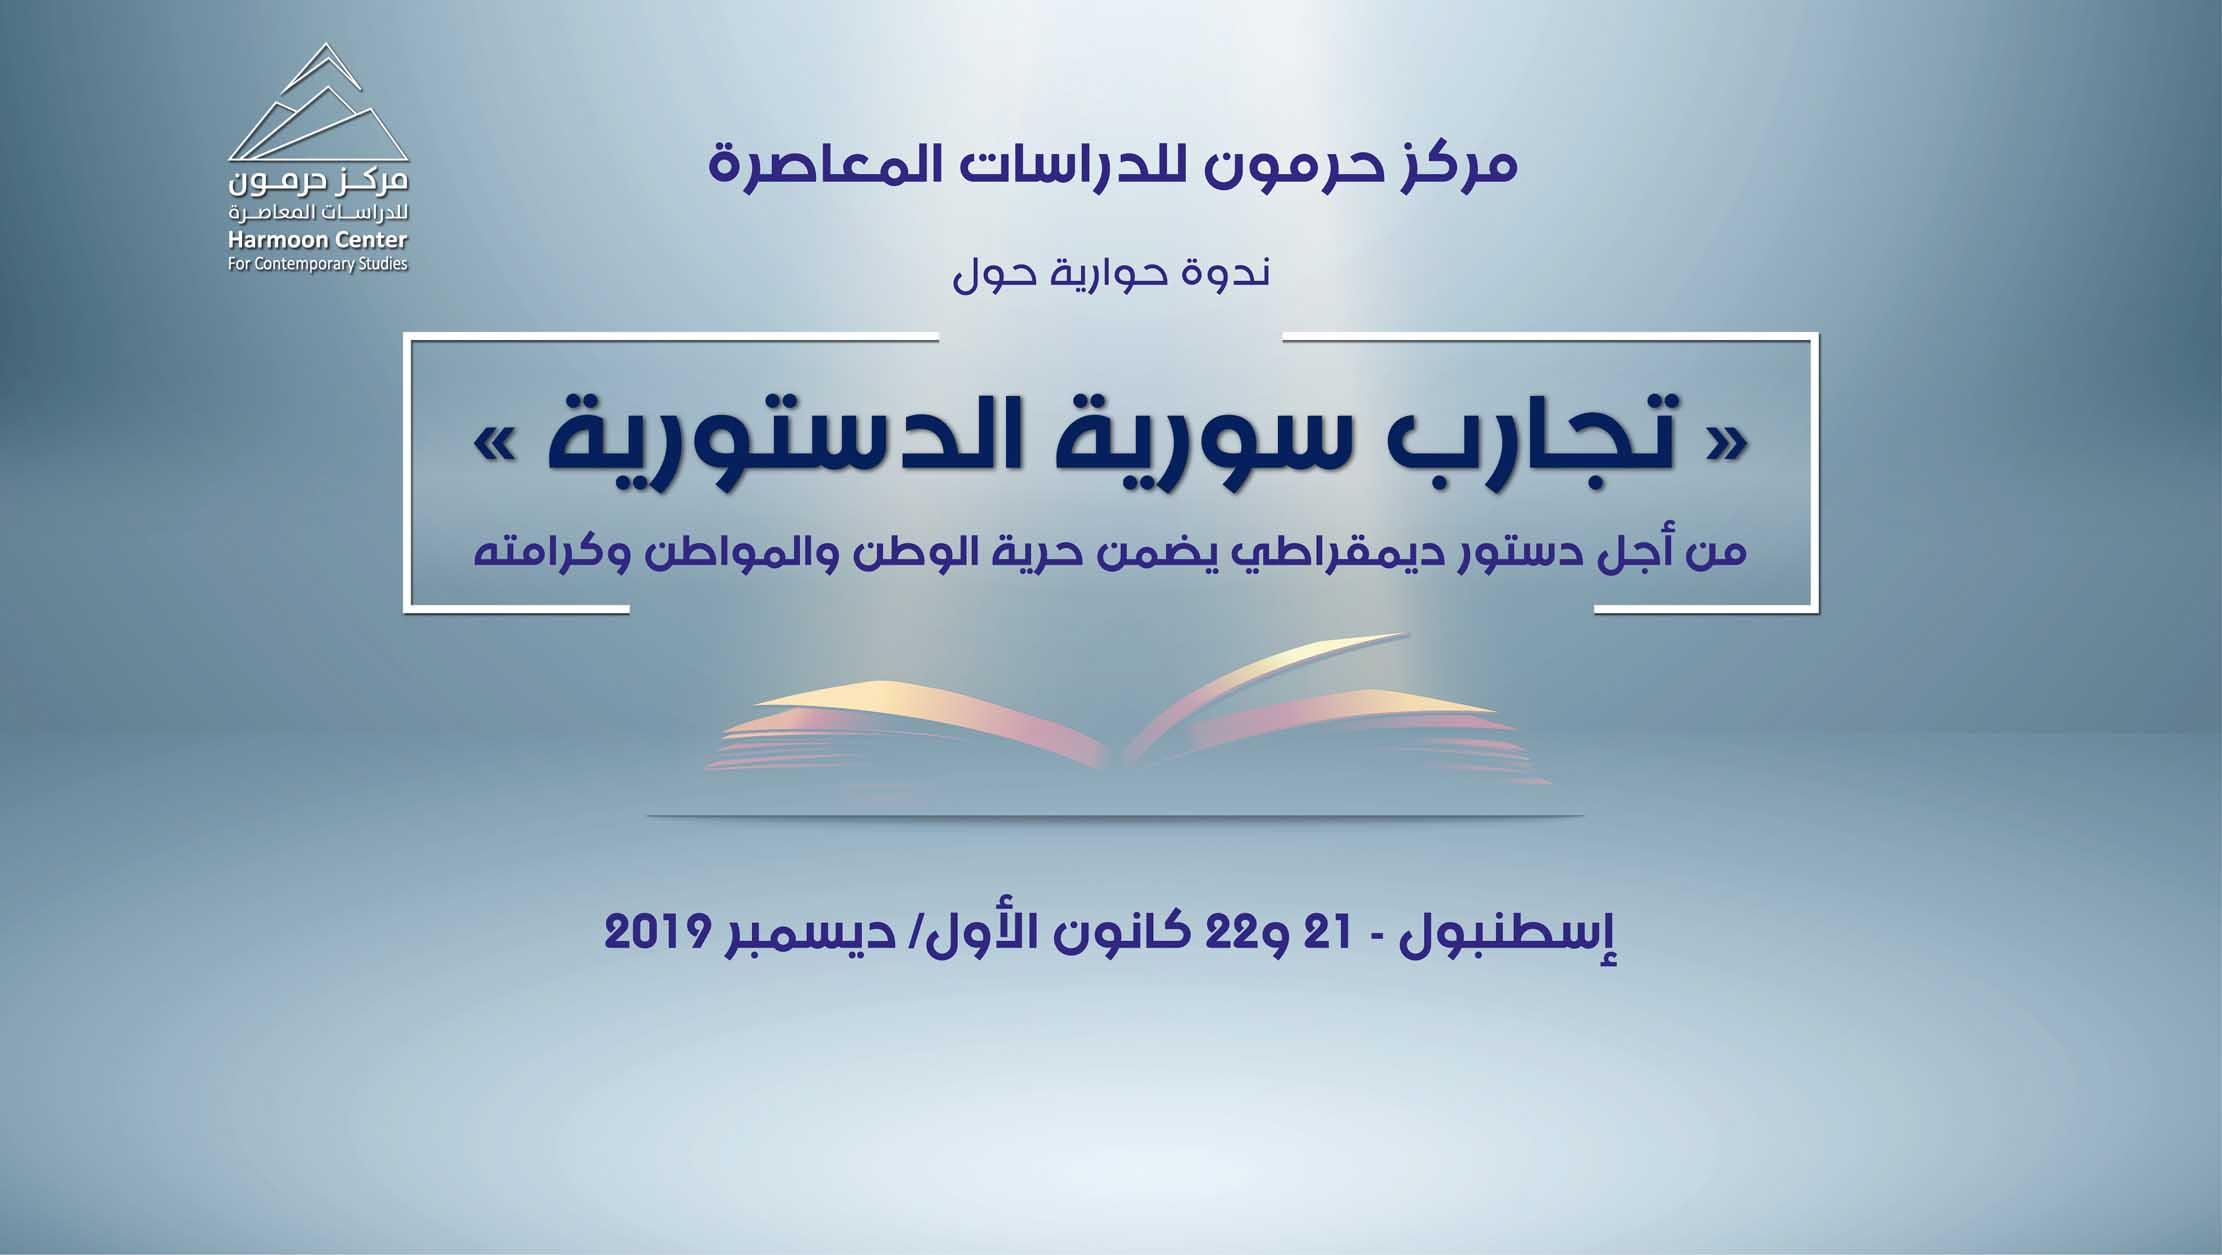 """مركز """"حرمون"""" يعقد ندوة موسّعة حول """"تجارب سورية الدستورية"""" في إسطنبول 21 و 22 الجاري"""